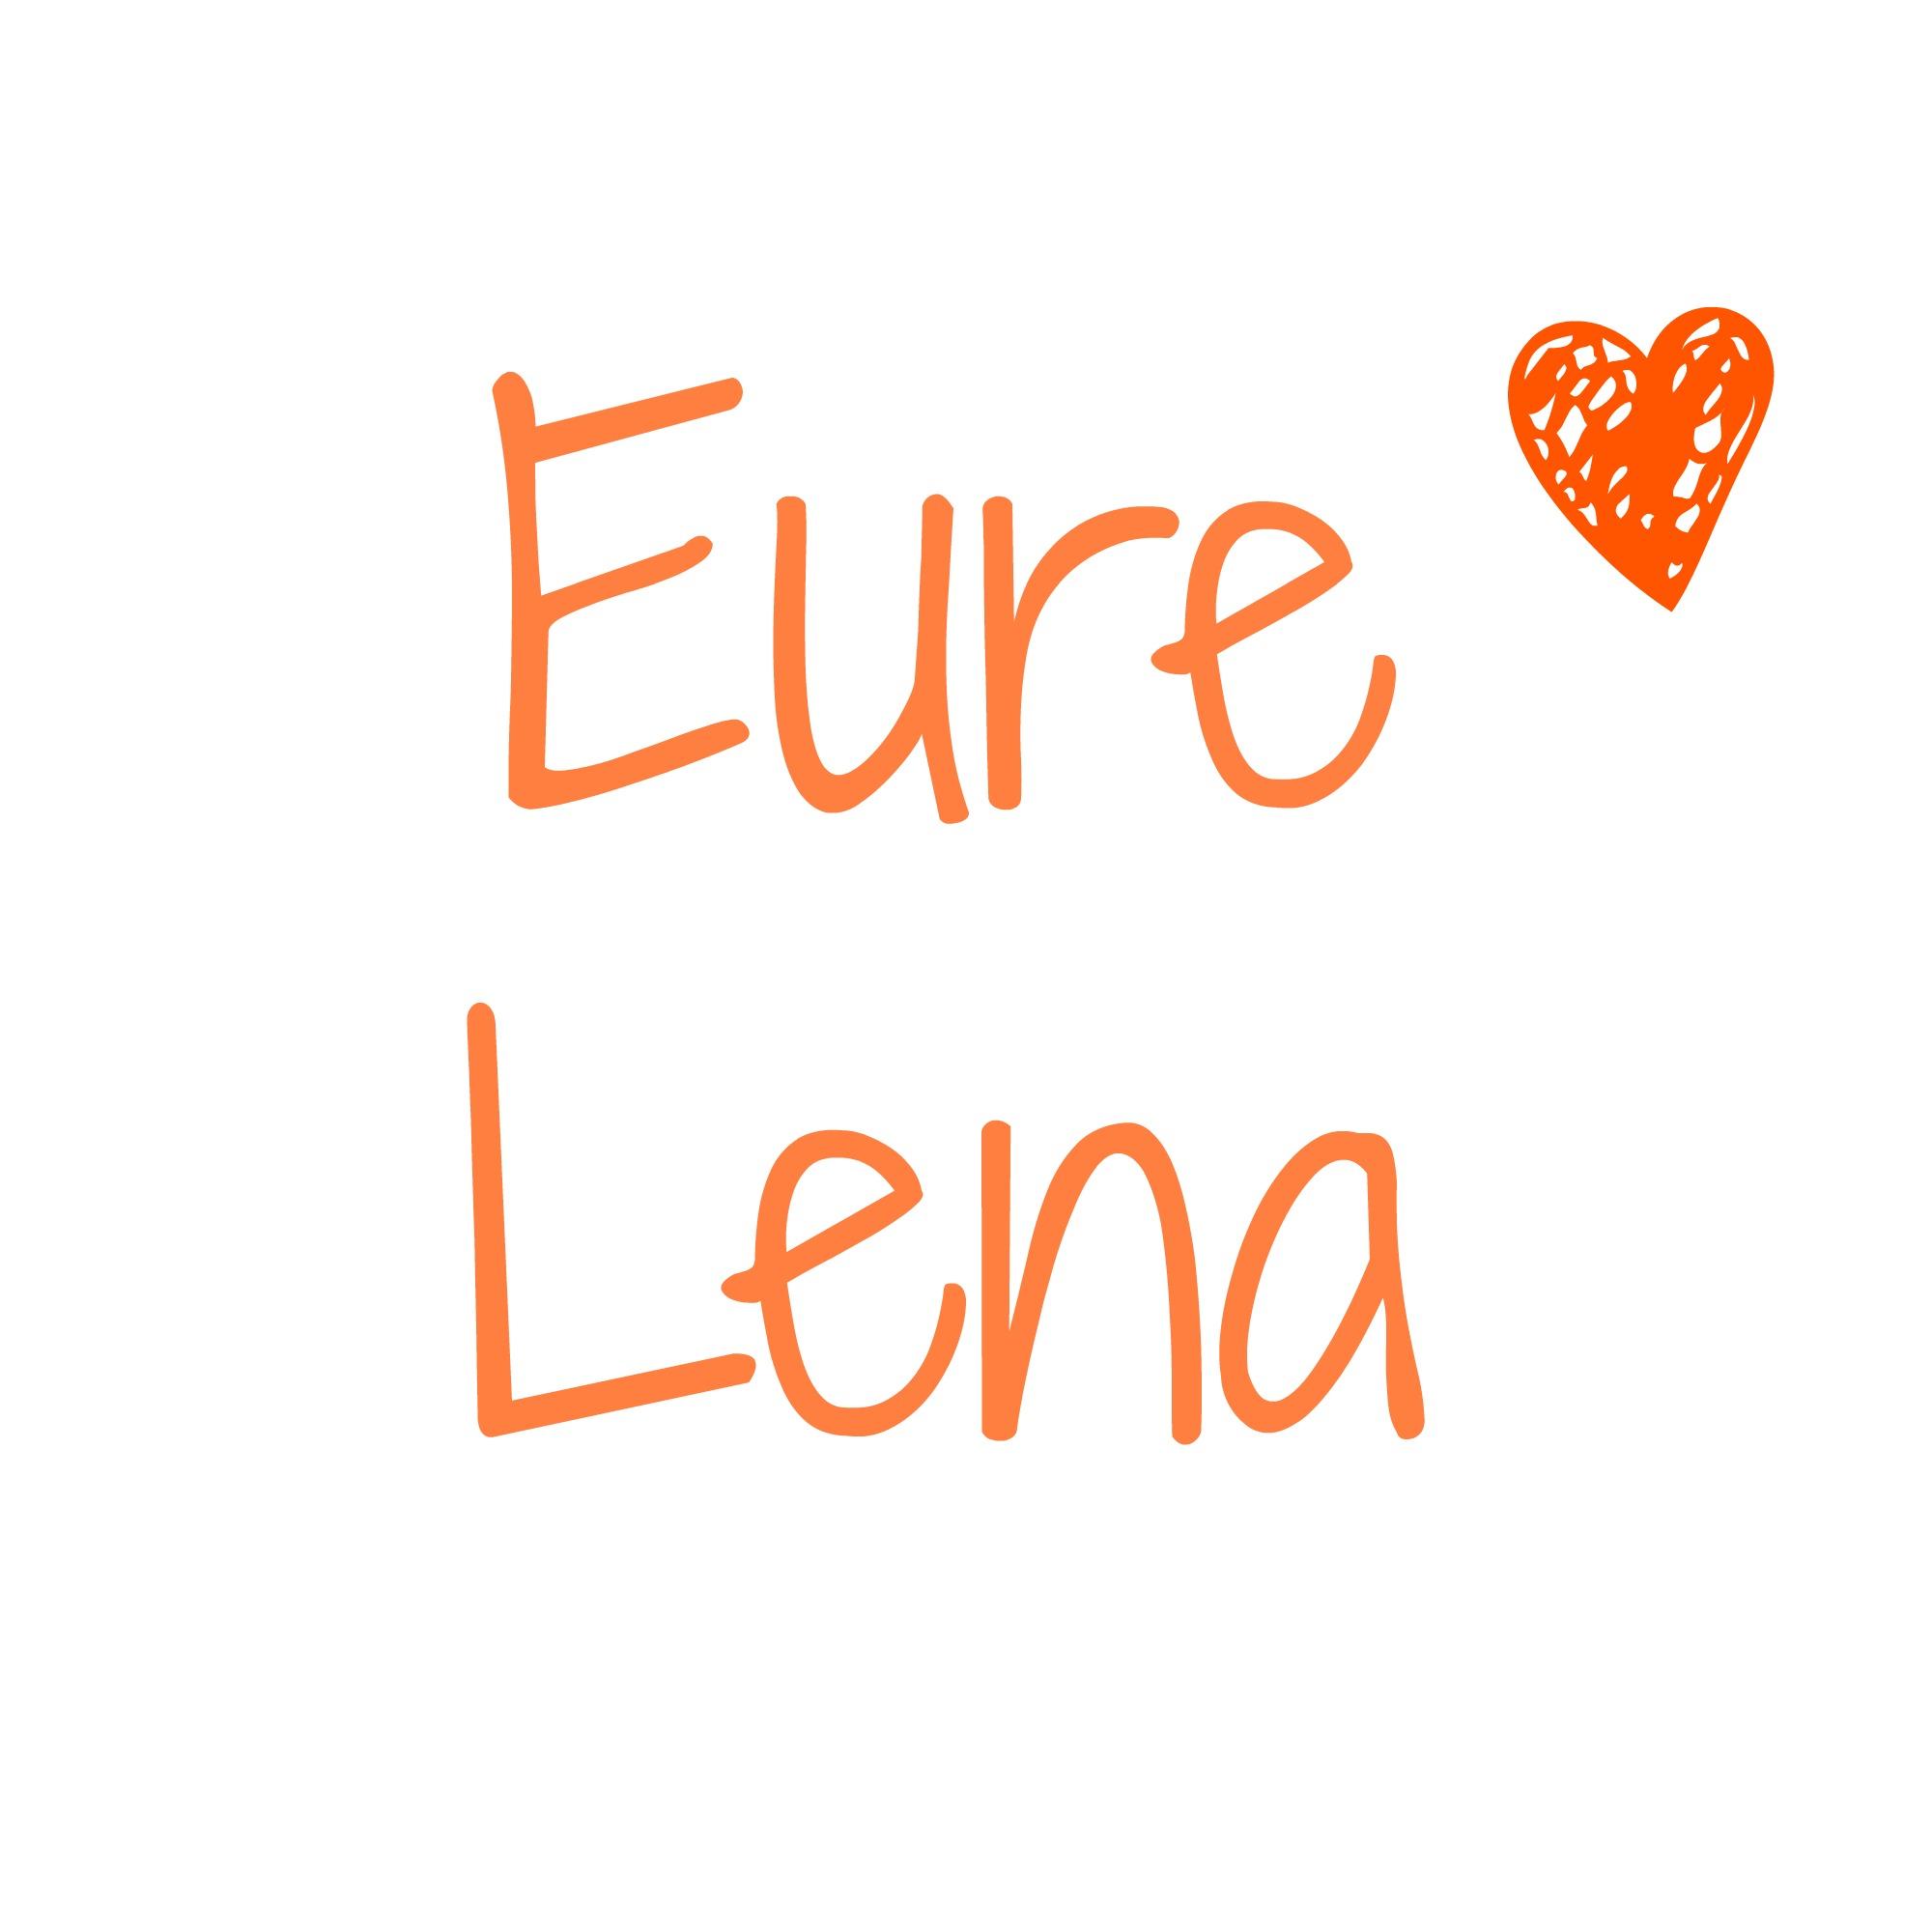 http://lenaliest.de/wp-content/uploads/2015/06/eurelenaa.jpg